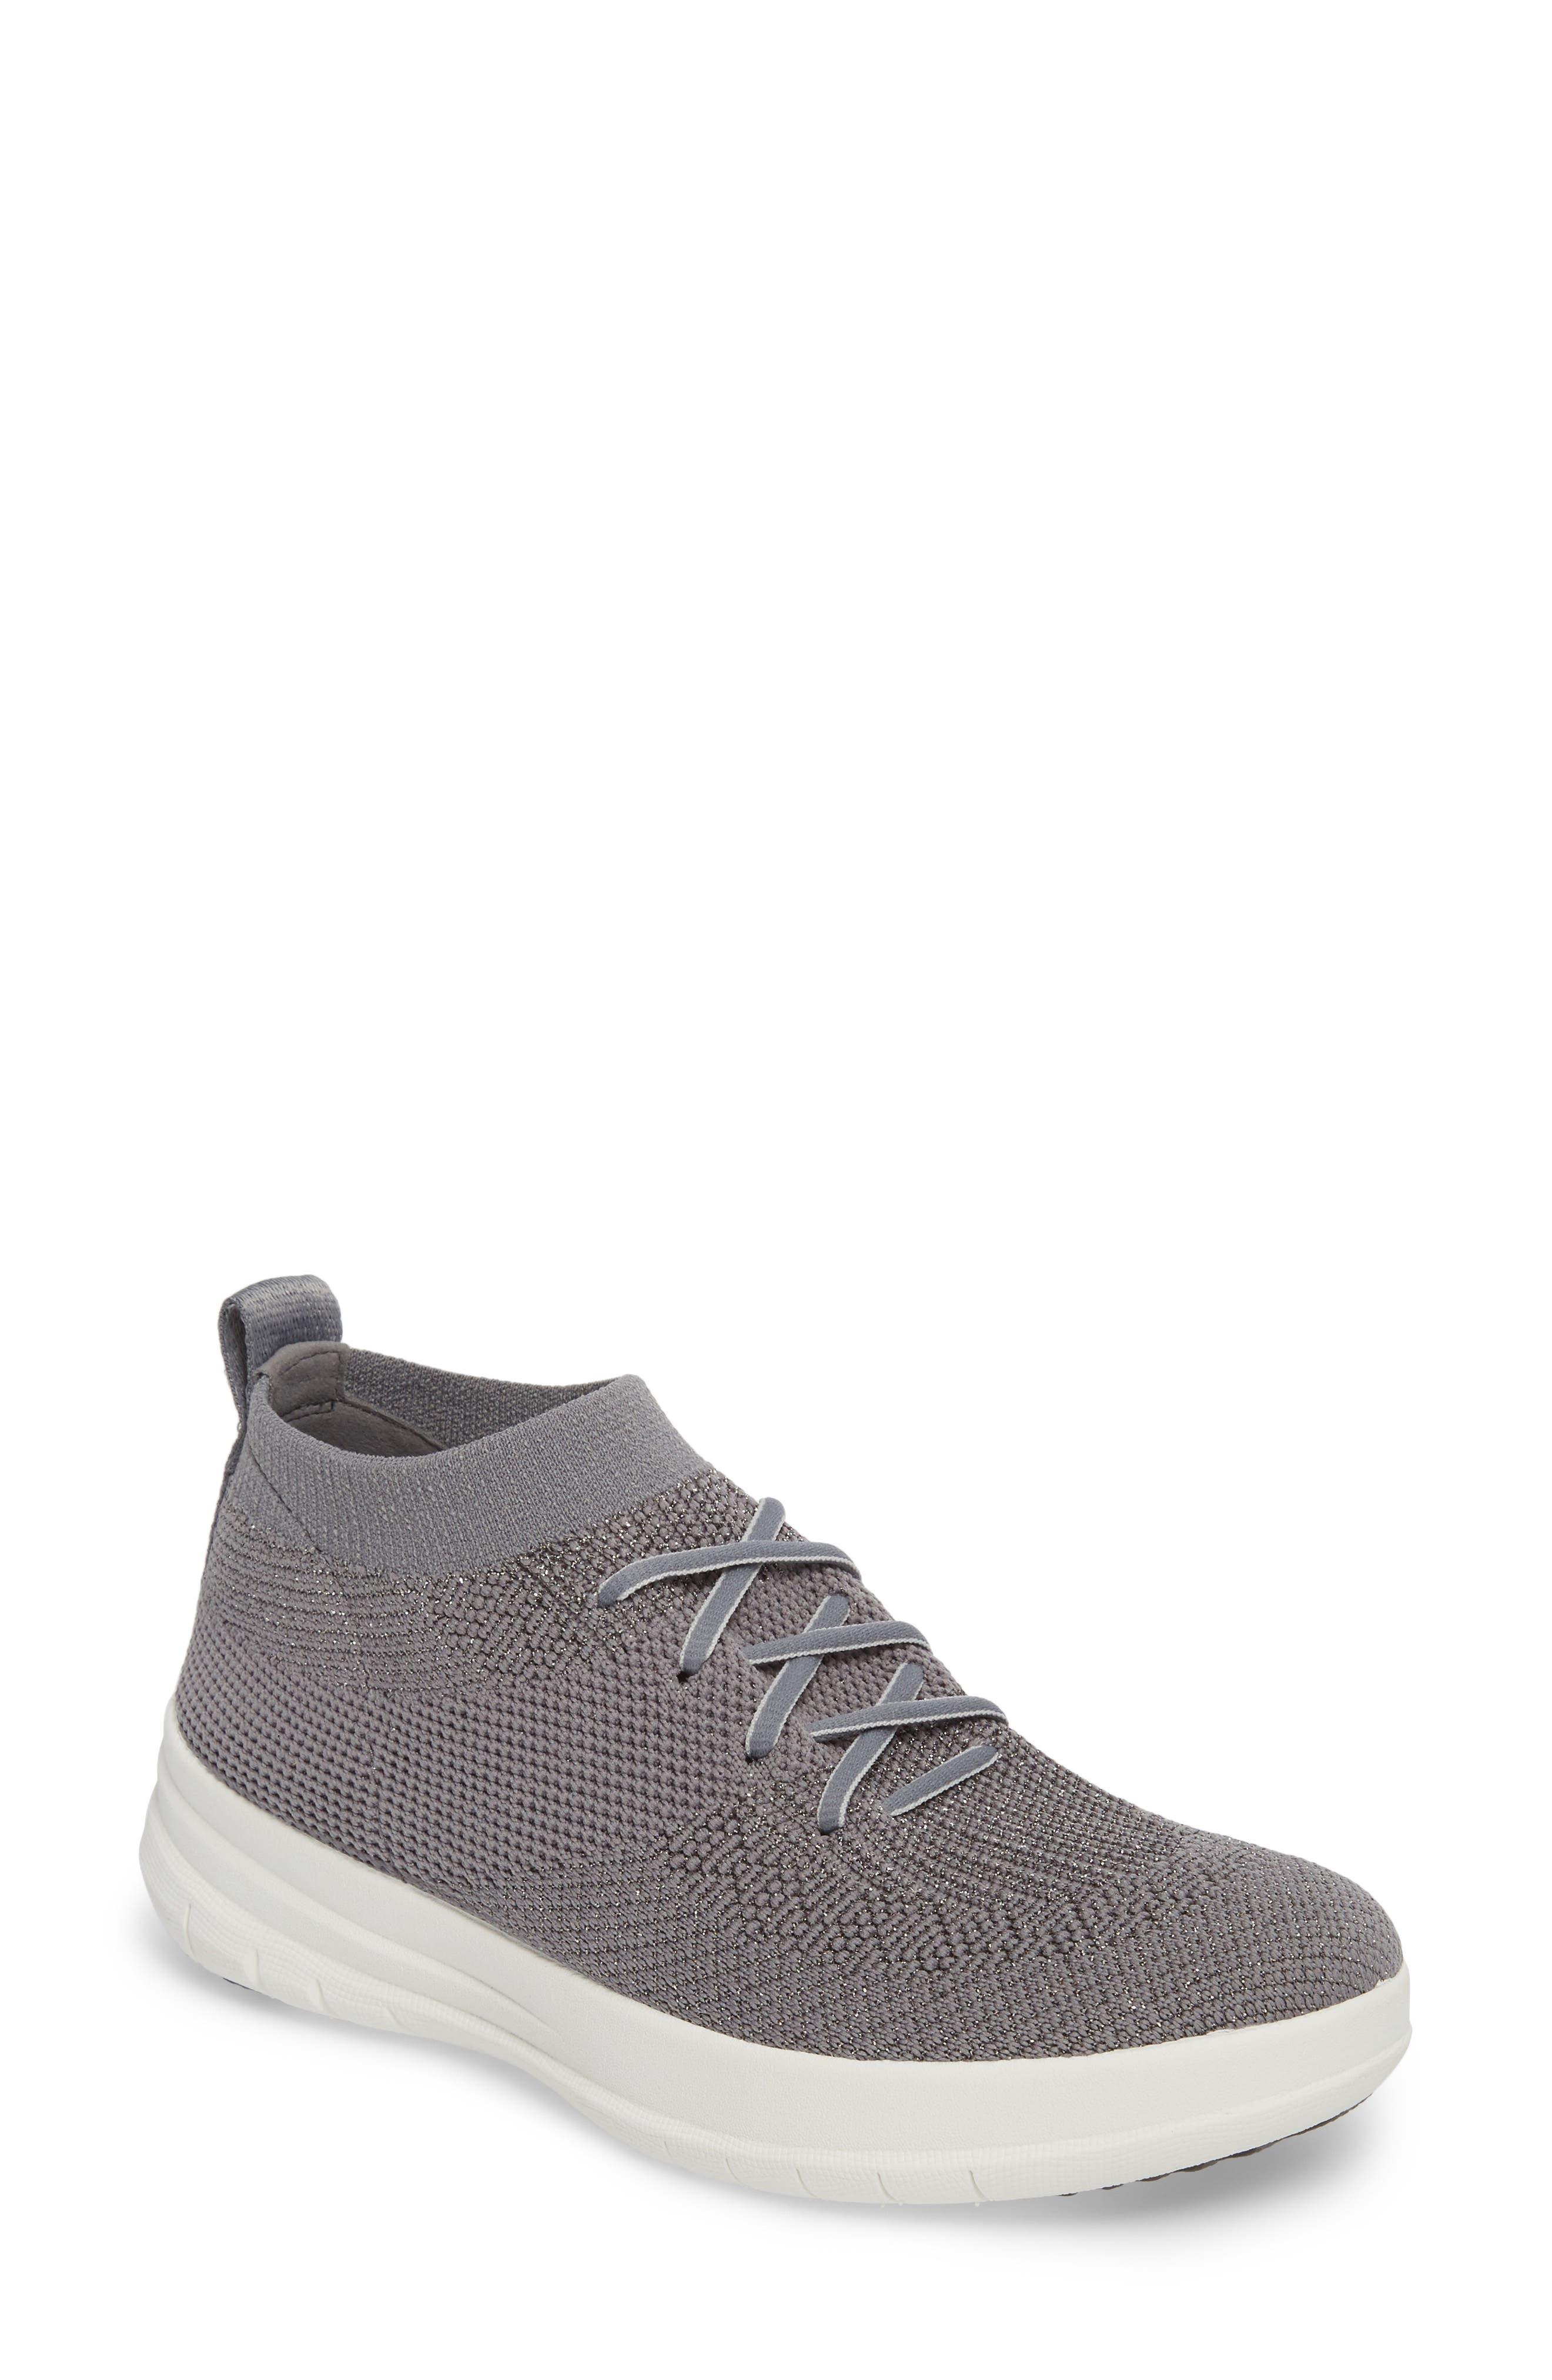 Alternate Image 1 Selected - FitFlop Uberknit™ Slip-On High-Top Sneaker (Women)